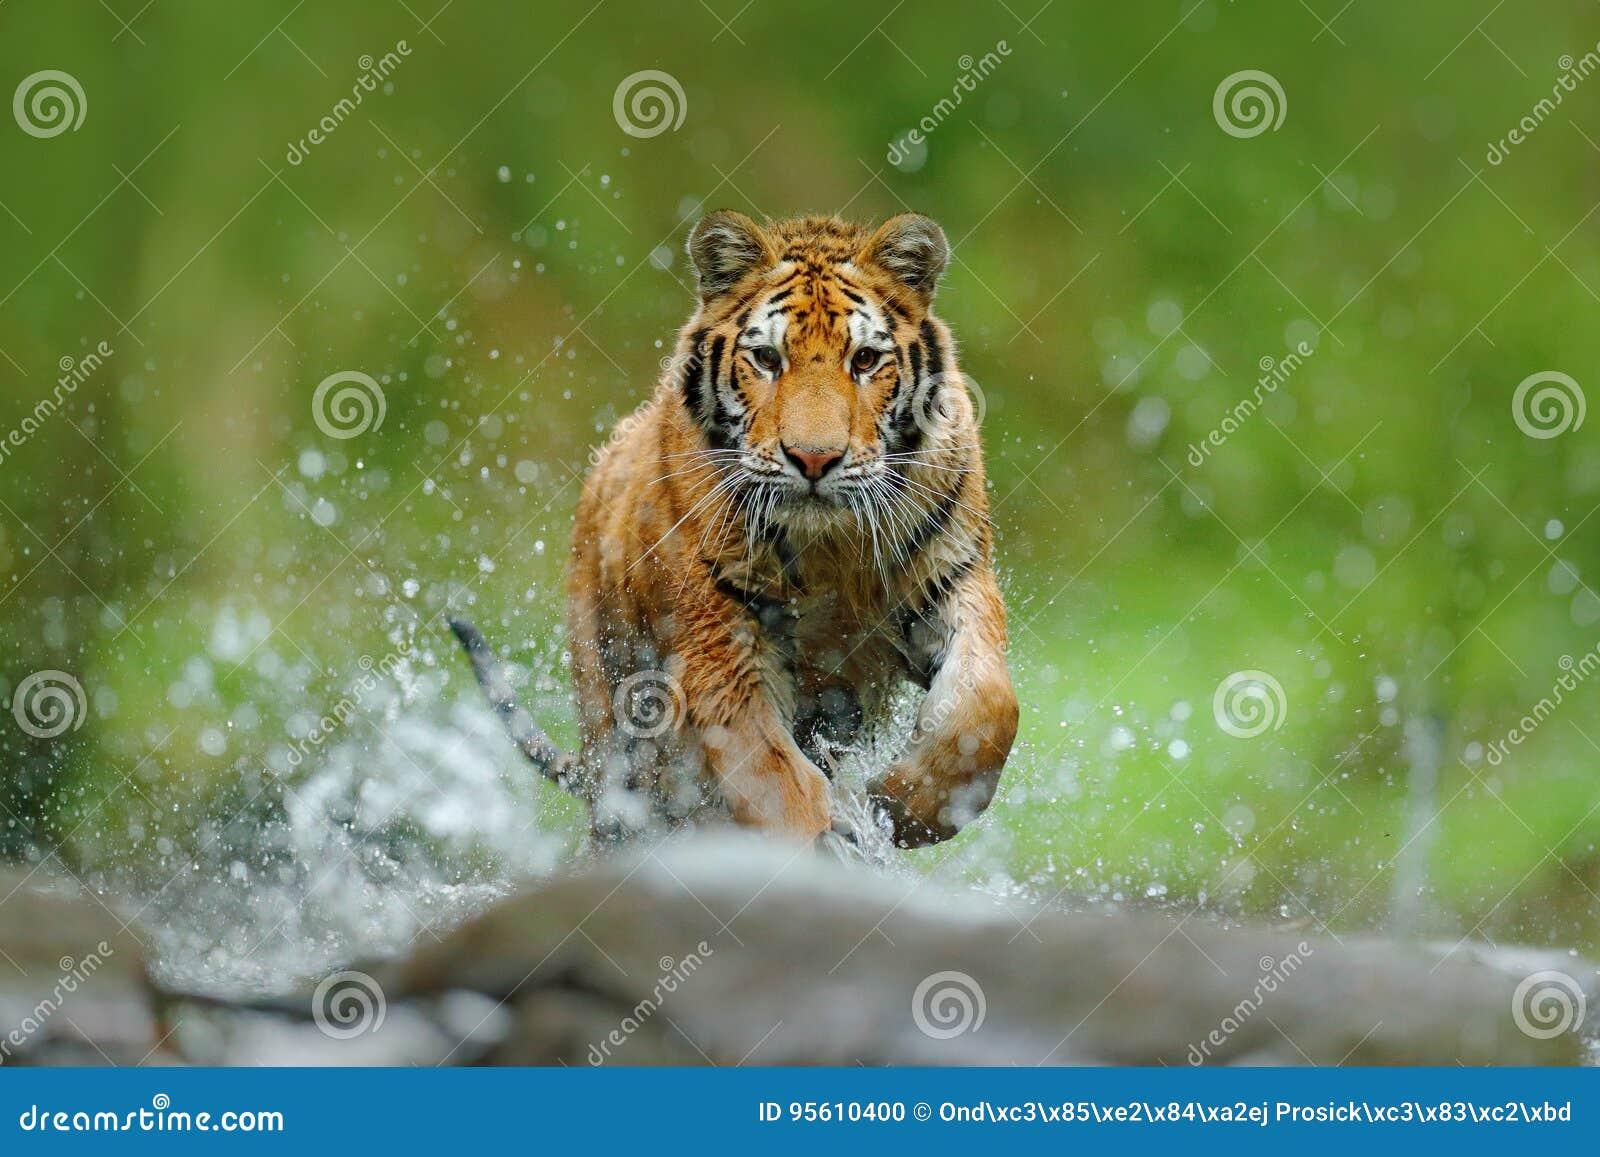 Tiger mit SpritzenFlusswasser Szene der Aktionswild lebenden tiere mit Wildkatze im Naturlebensraum Tiger, der in das Wasser läuf